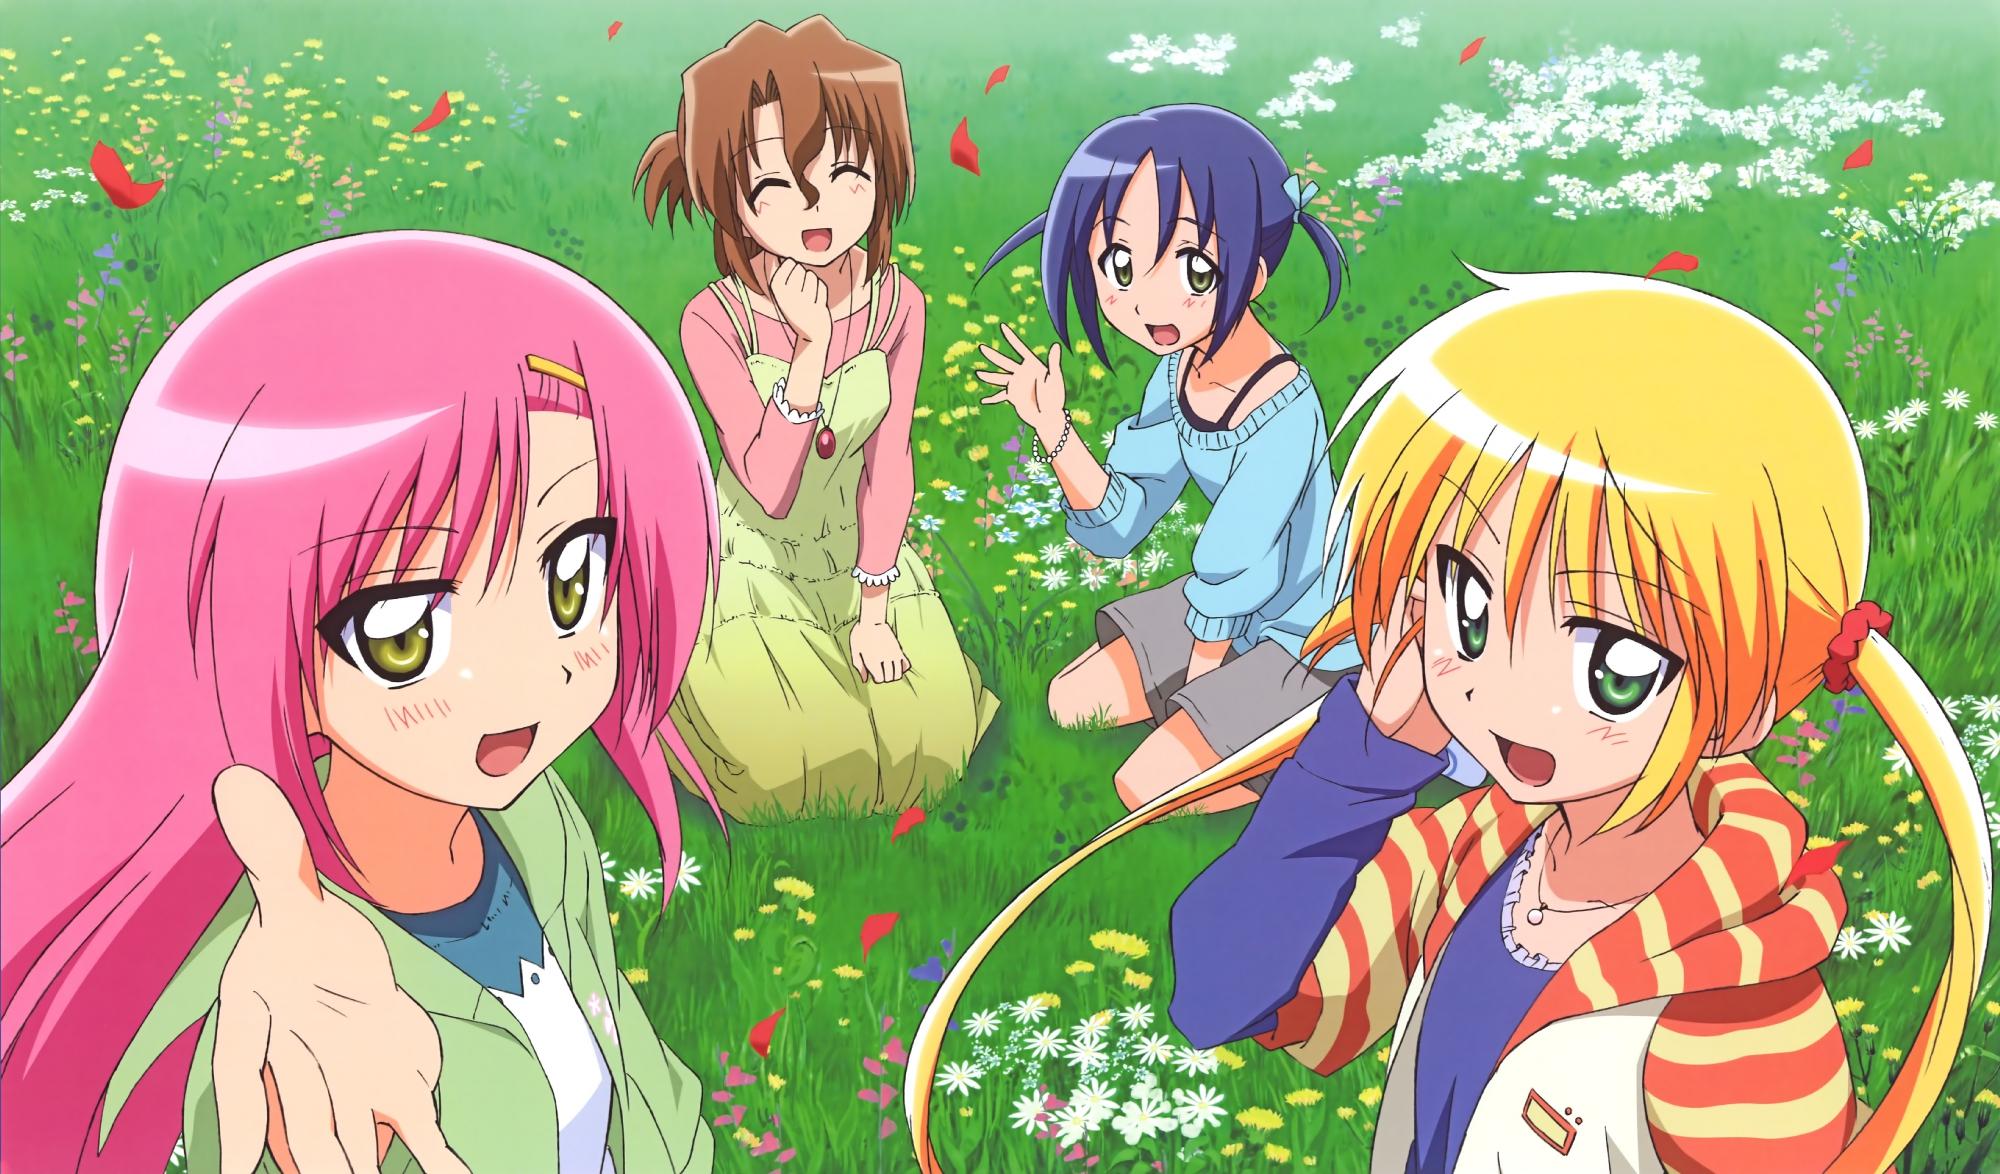 hayate_no_gotoku katsura_hinagiku maria_(hayate_no_gotoku) nishizawa_ayumu sanzenin_nagi scan